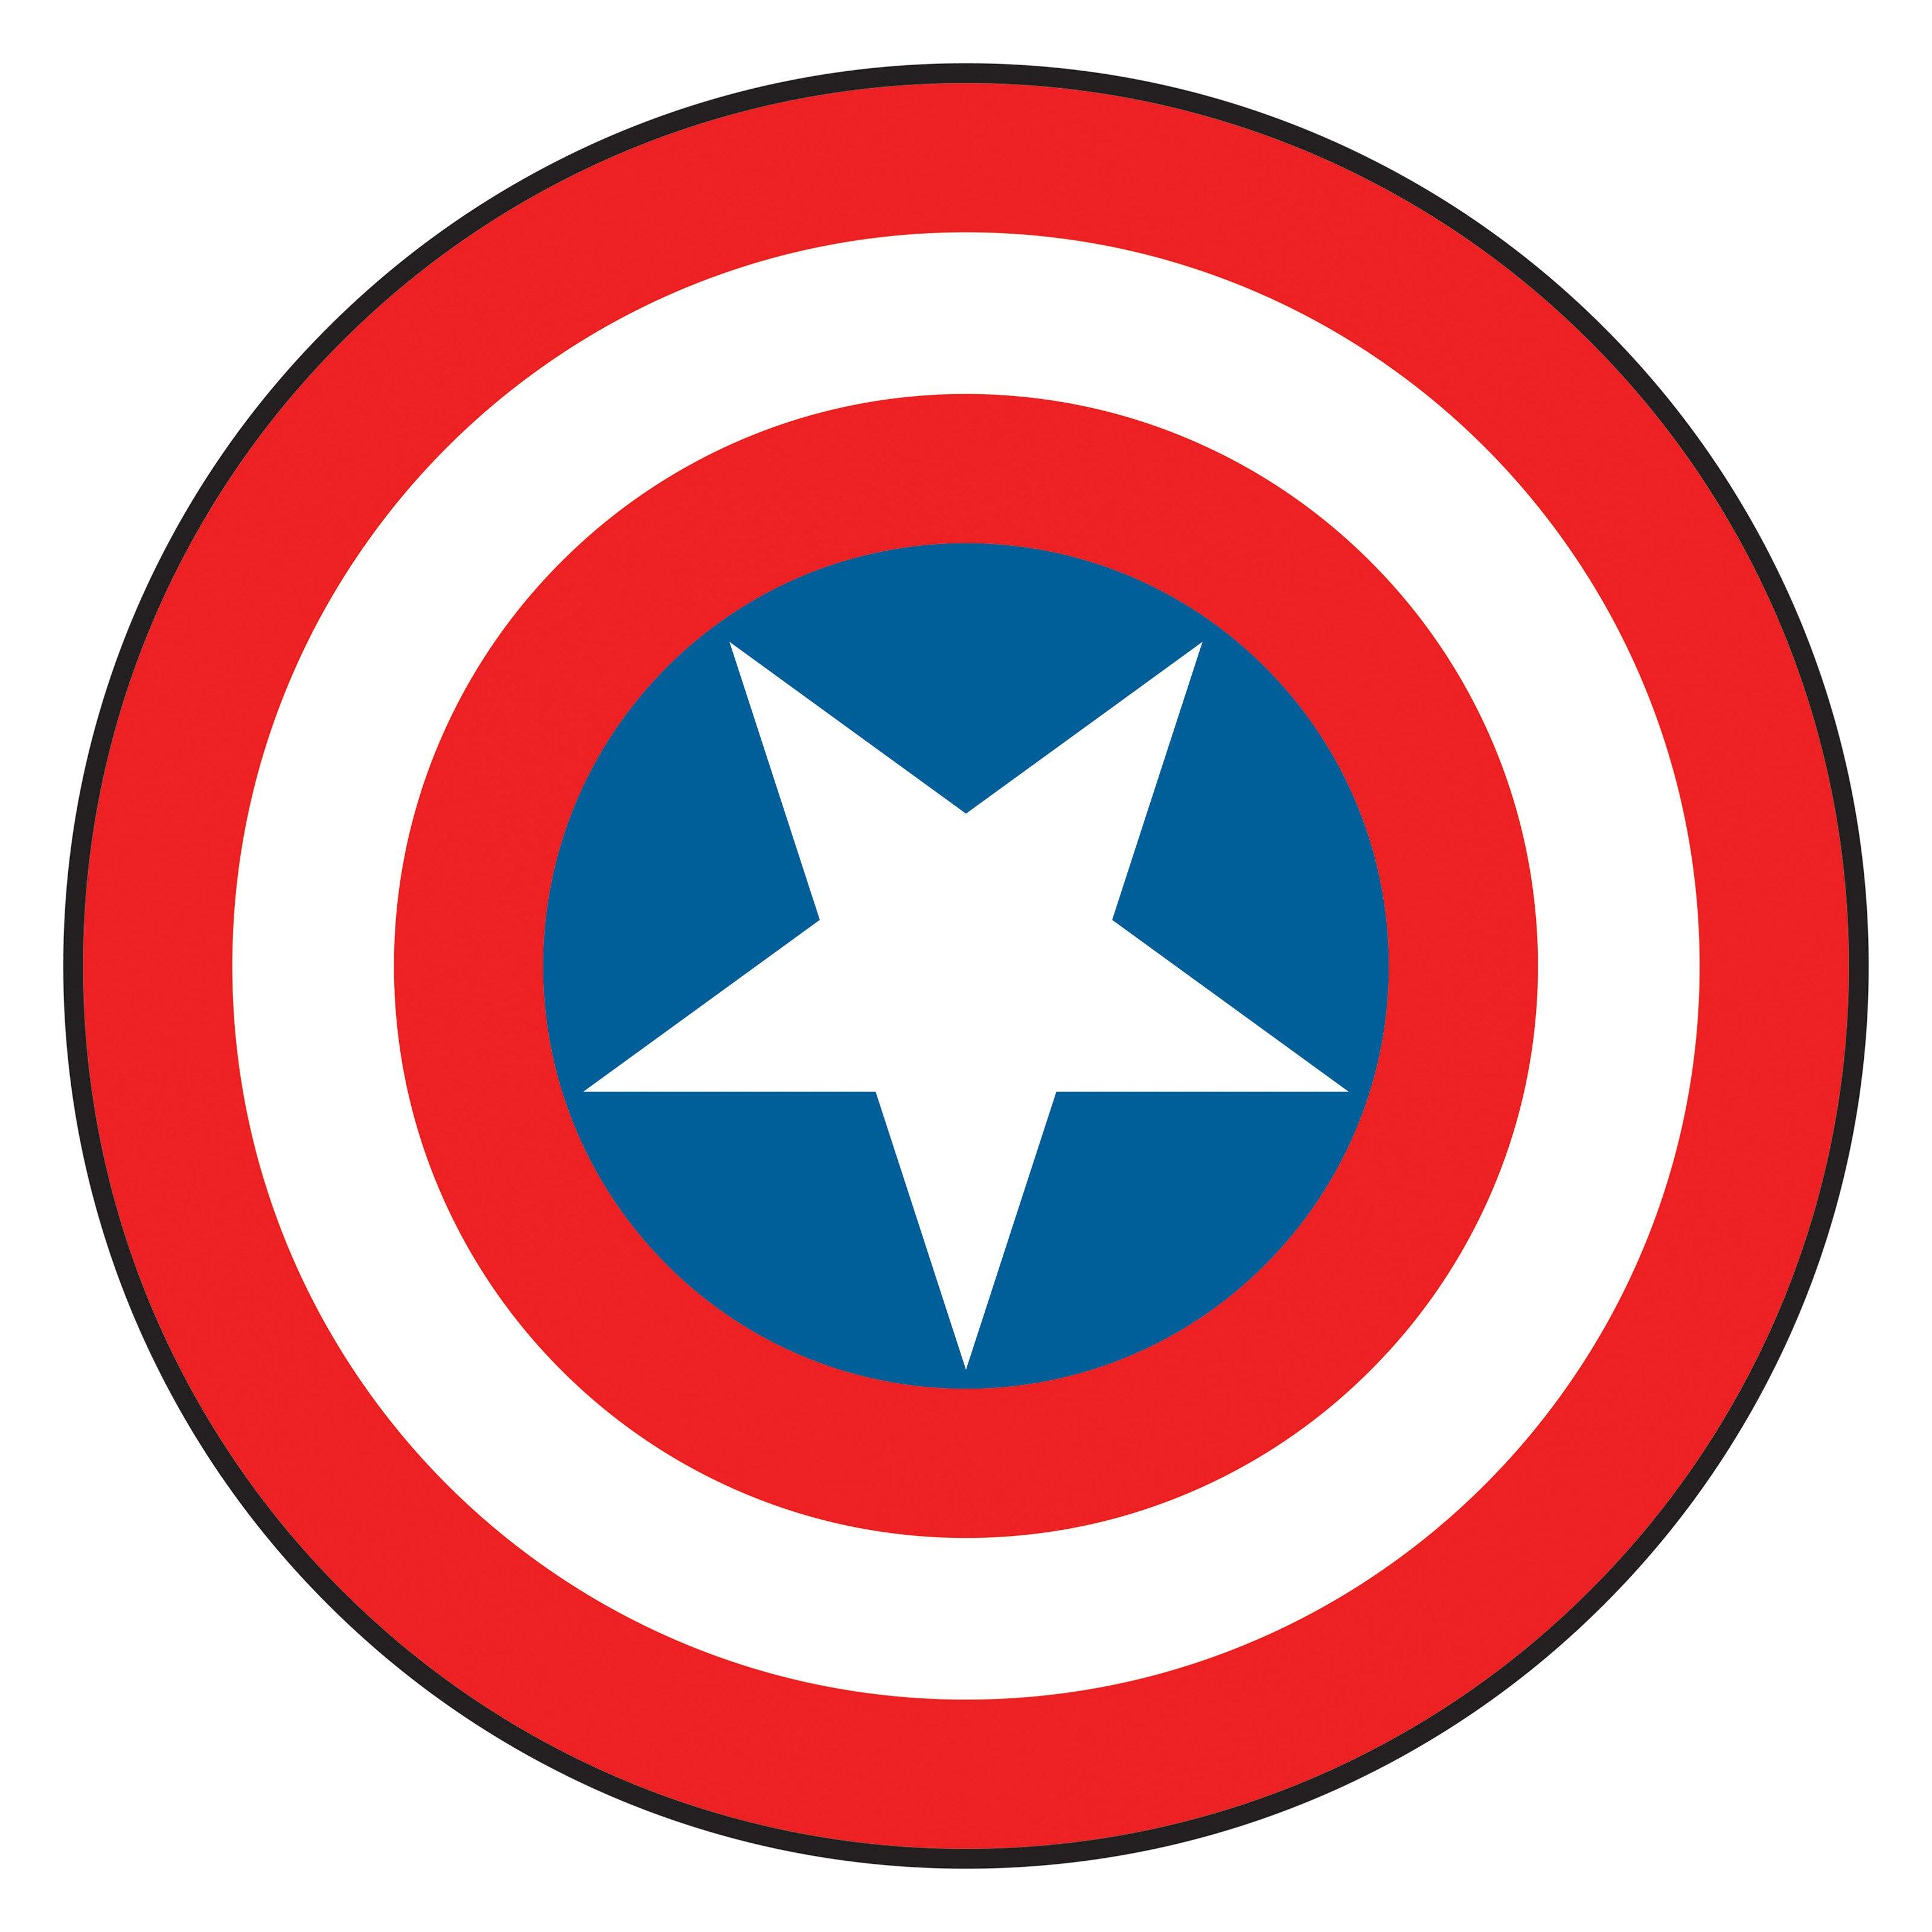 Captain marvel logo clipart image transparent Captain america logo clip art - ClipartFest image transparent